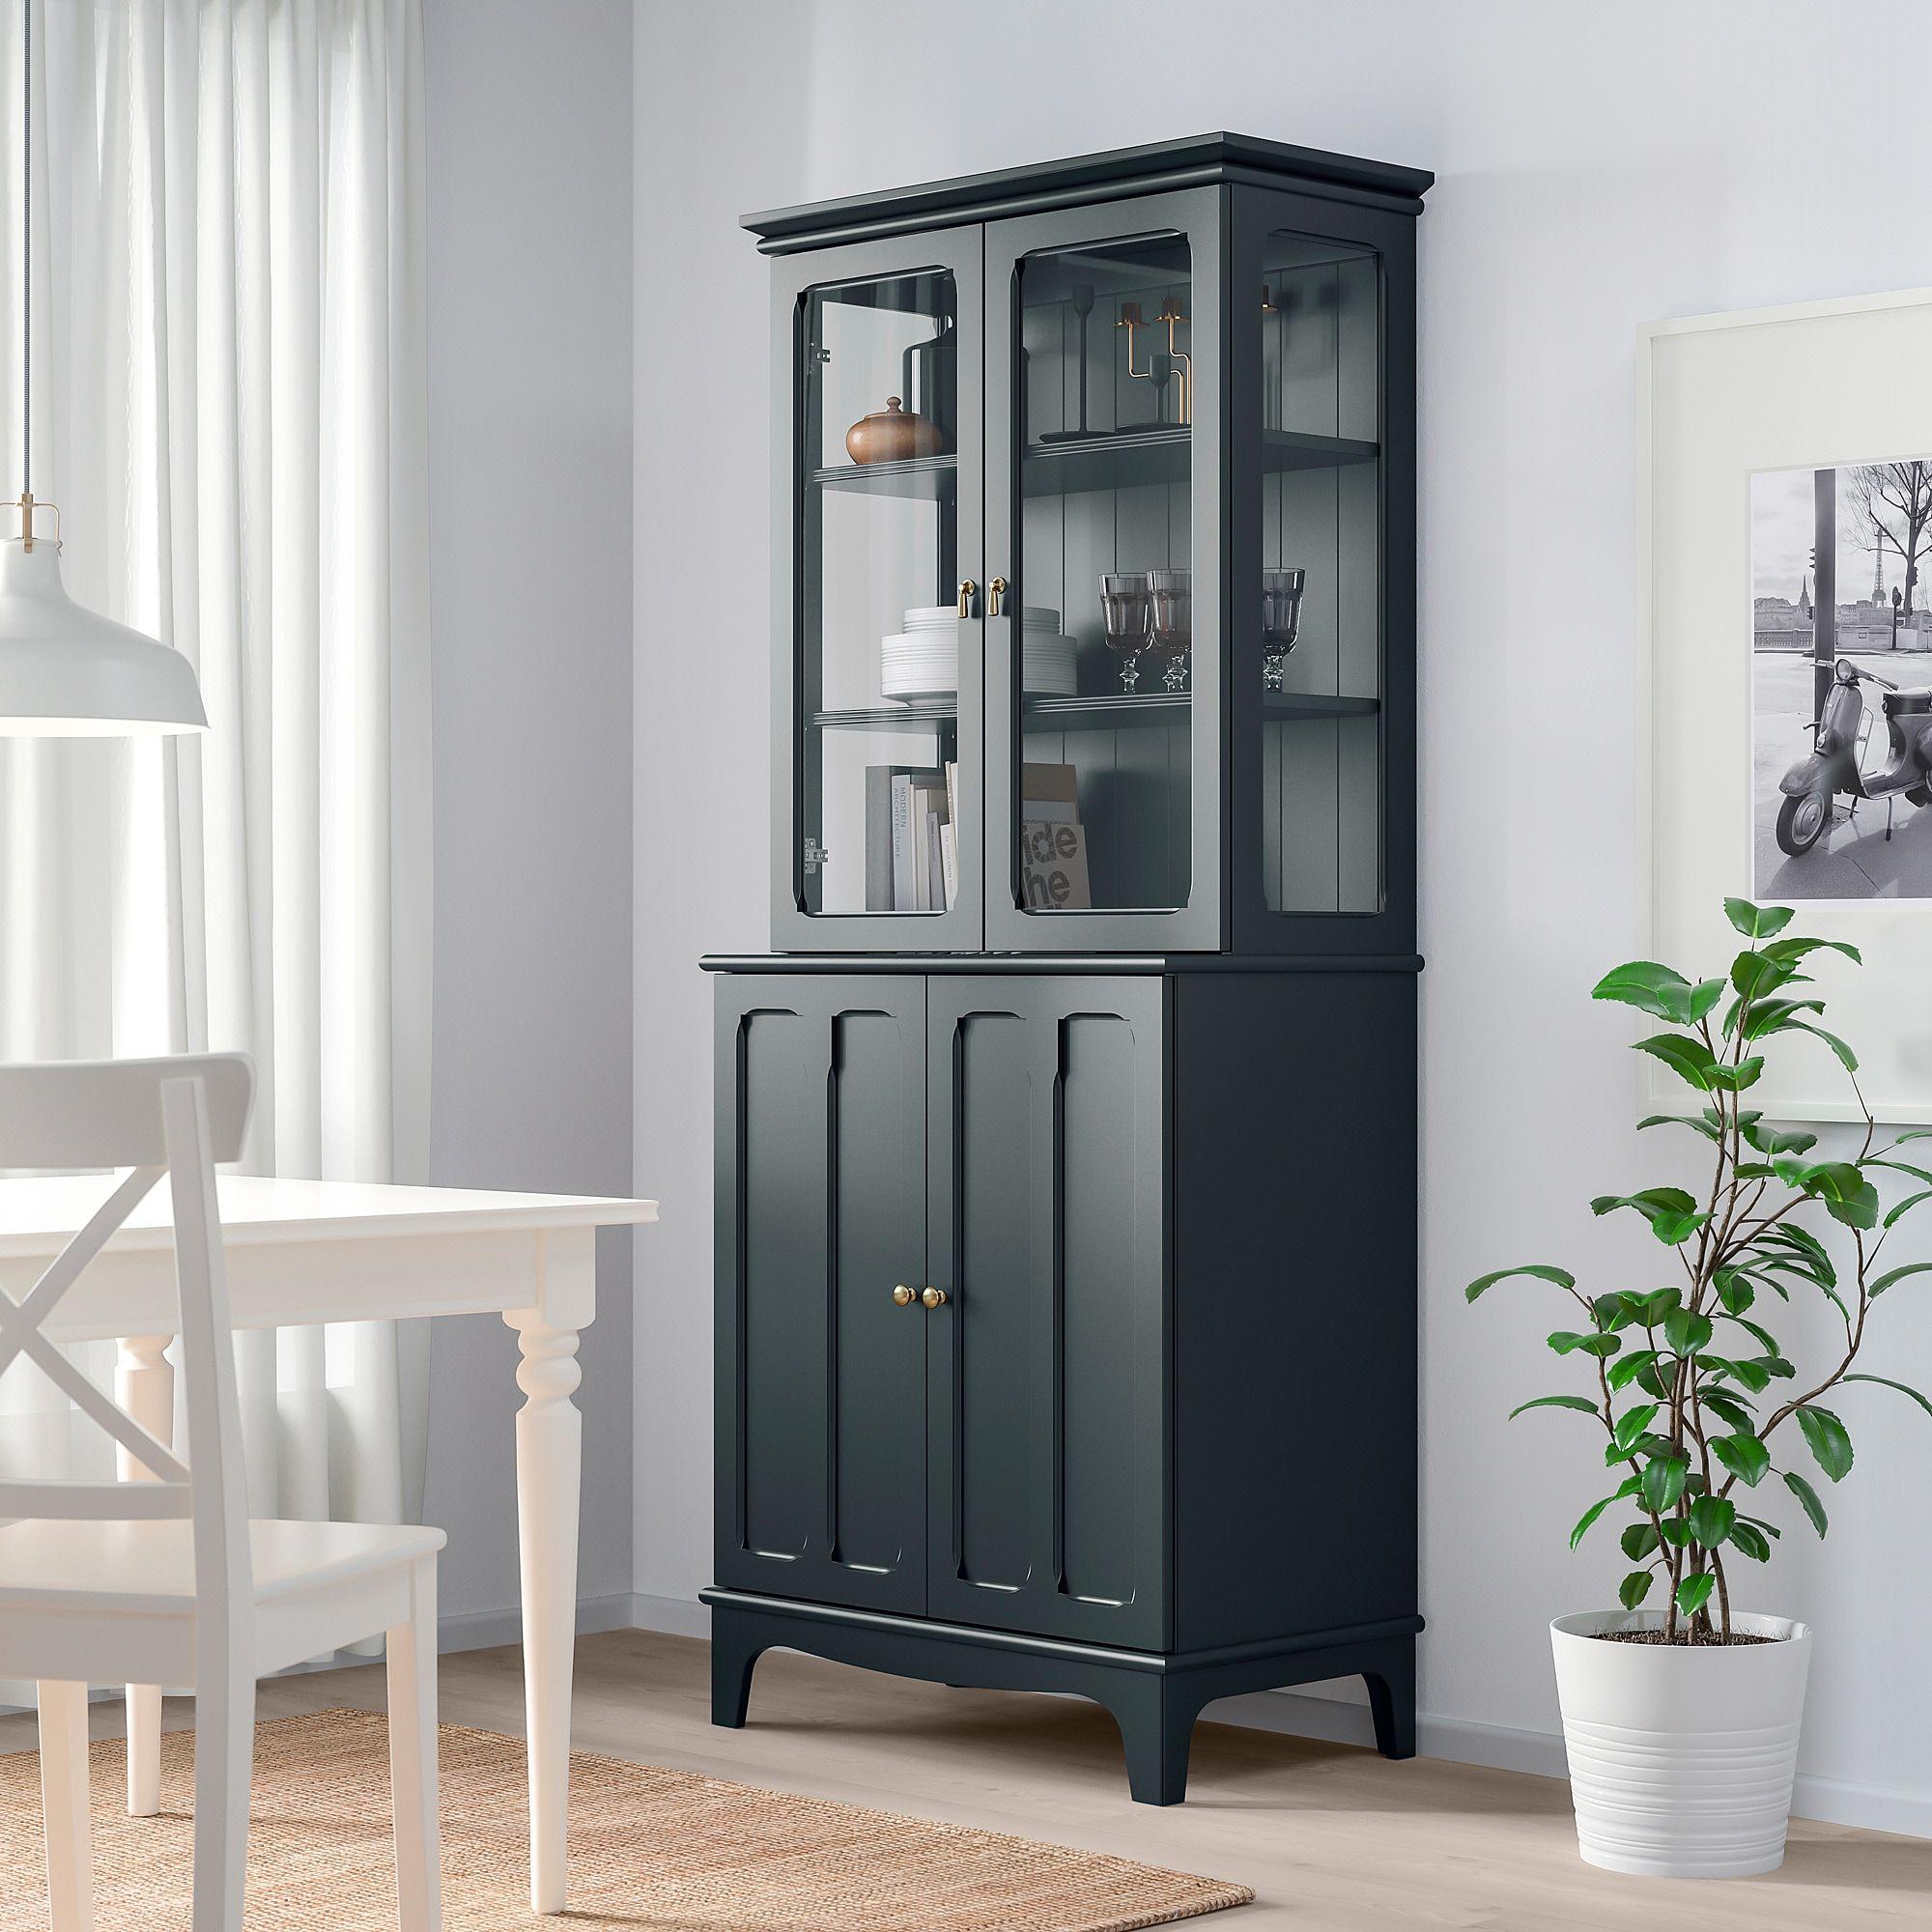 Lommarp Skap Med Vitrindorrar Mork Blagron 86x199 Cm Ikea Glass Cabinet Doors Glass Door Dark Blue Green